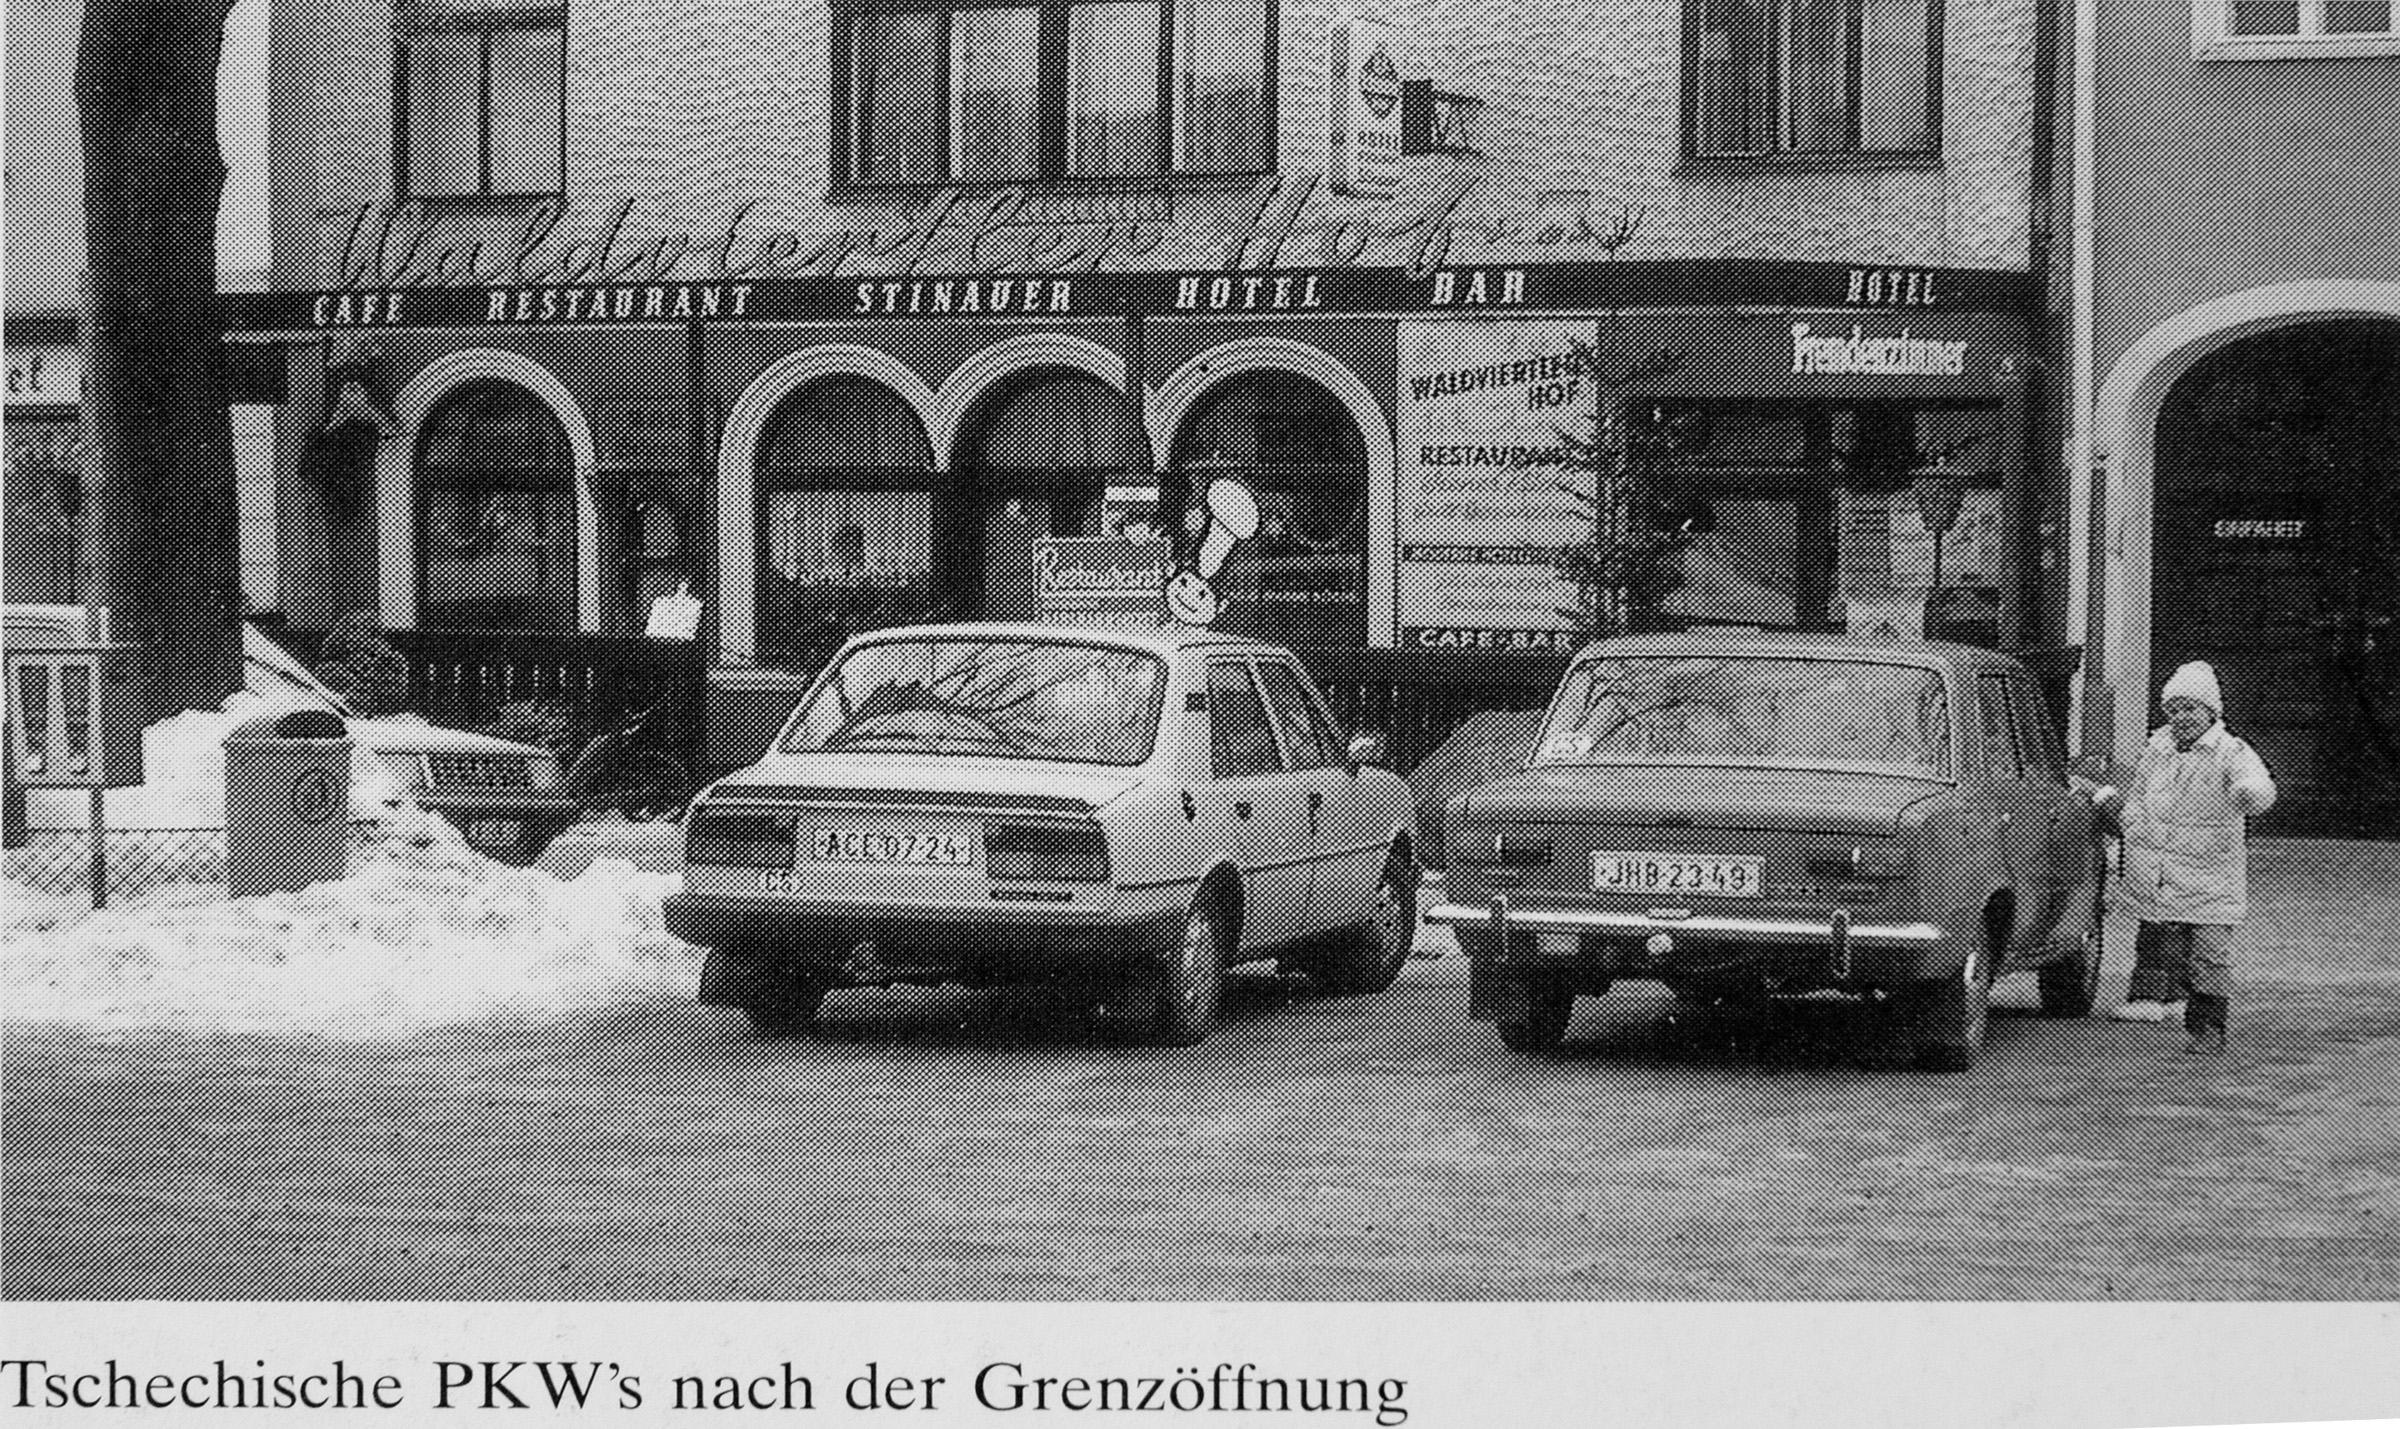 Waldviertler Hof 1990 Schrems.jpg